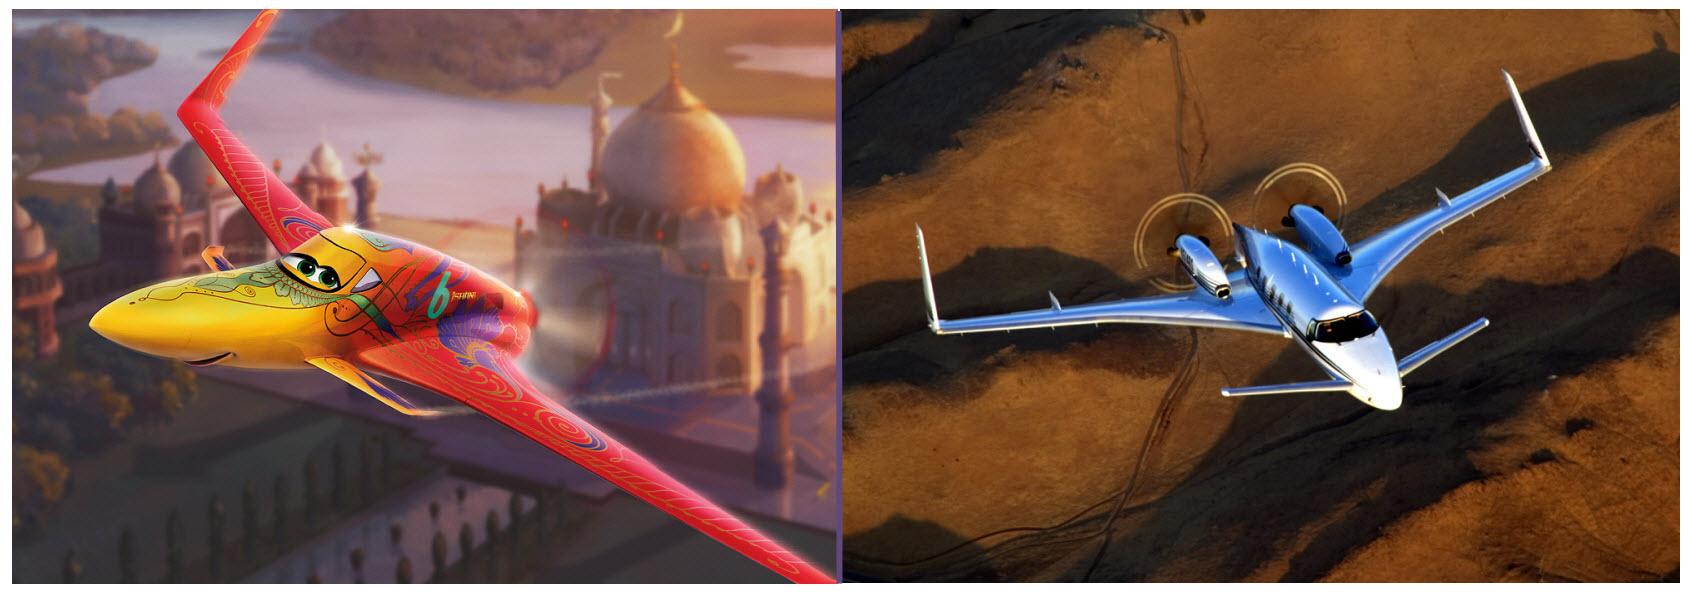 la aerodinámica Ishani y su fuente de inspiración, el Beechcraft Starship (Fuente: Disney)